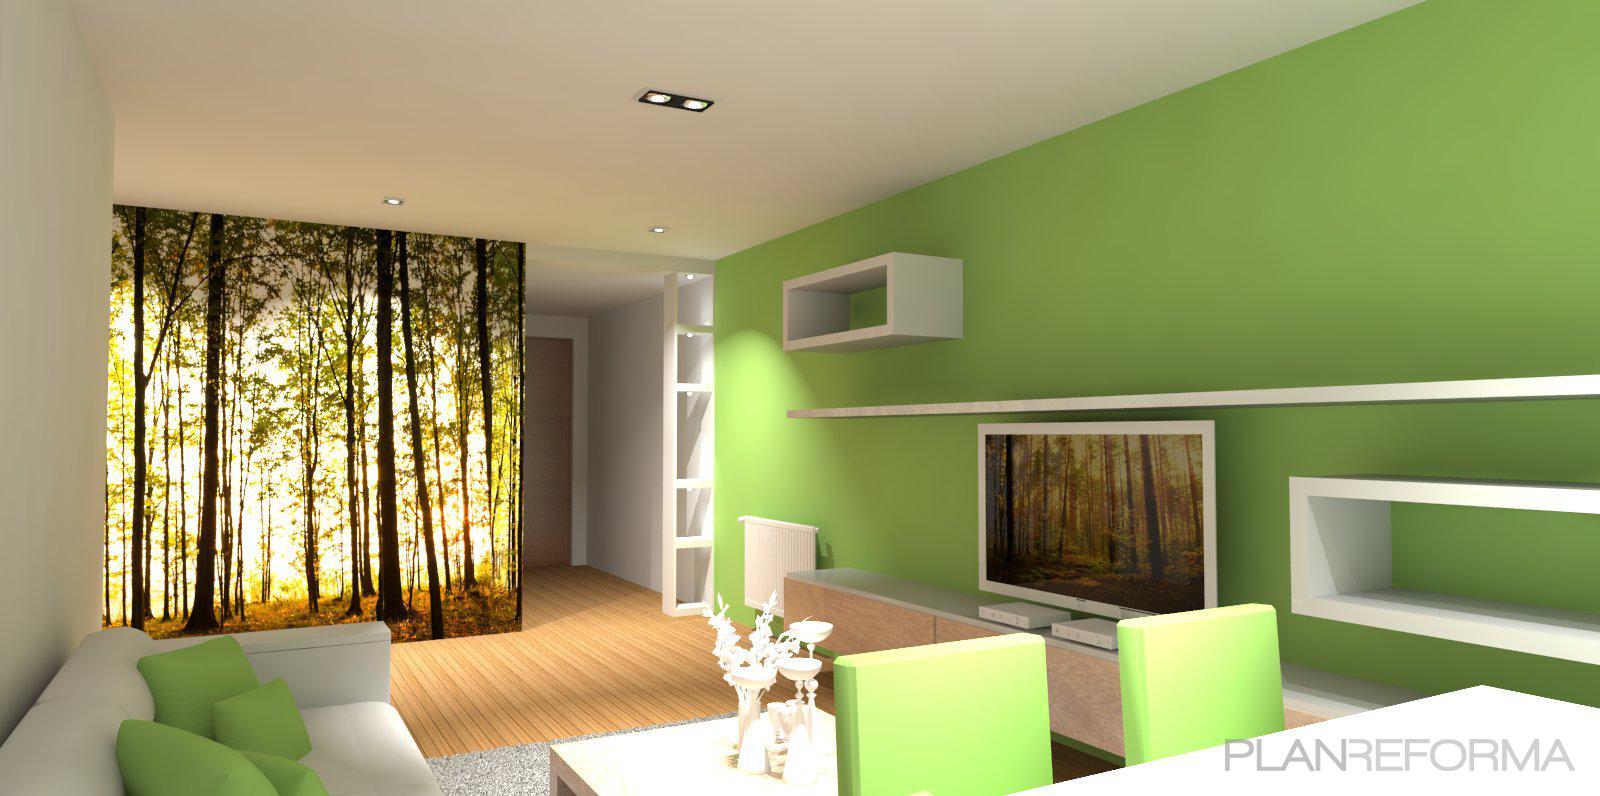 Comedor recibidor sala de la tv estilo contemporaneo for Sala estilo contemporaneo